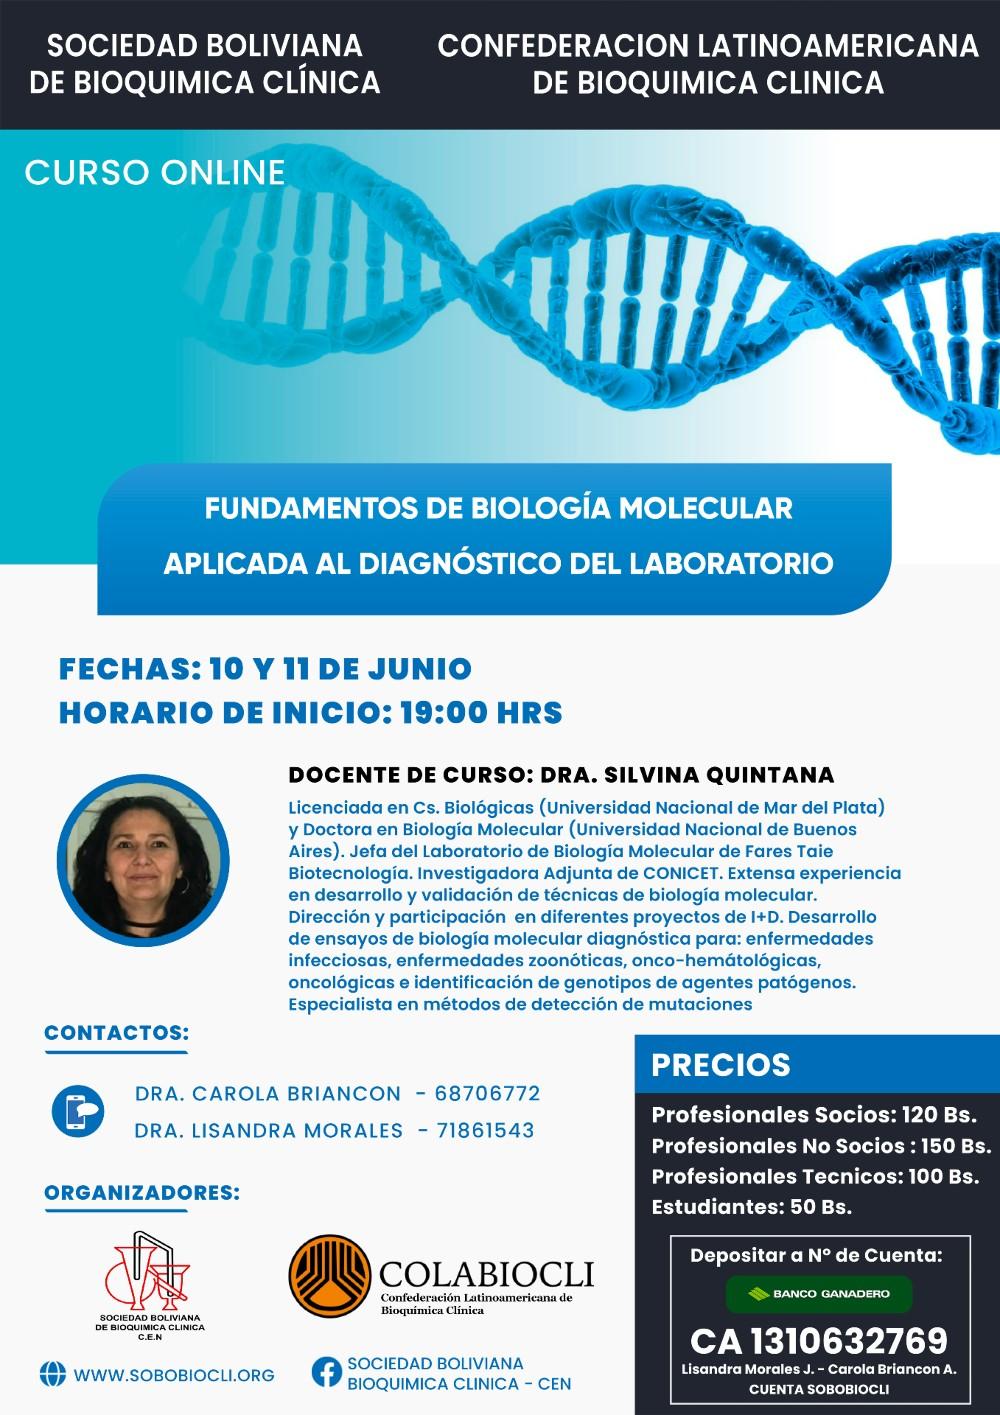 Fundamentos de Biología Molecular Aplicada al Diagnóstico del Laboratorio